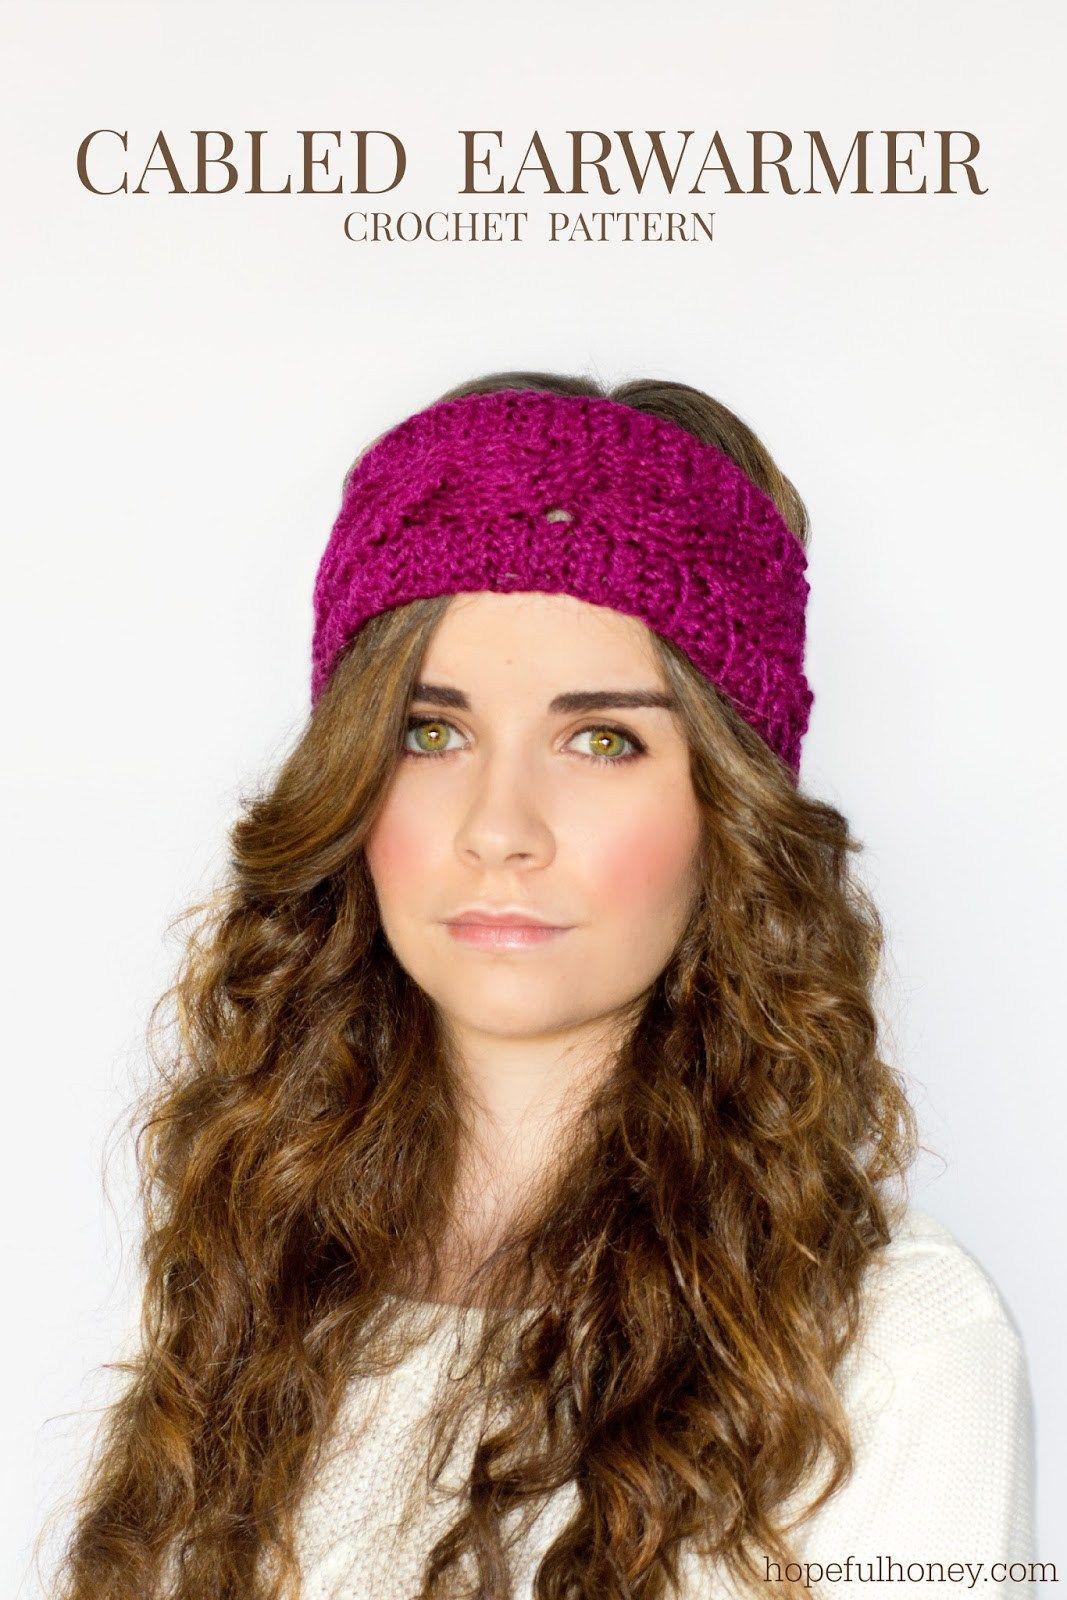 Cabled Earwarmer Free Crochet Pattern | Crochet | Pinterest | Free ...